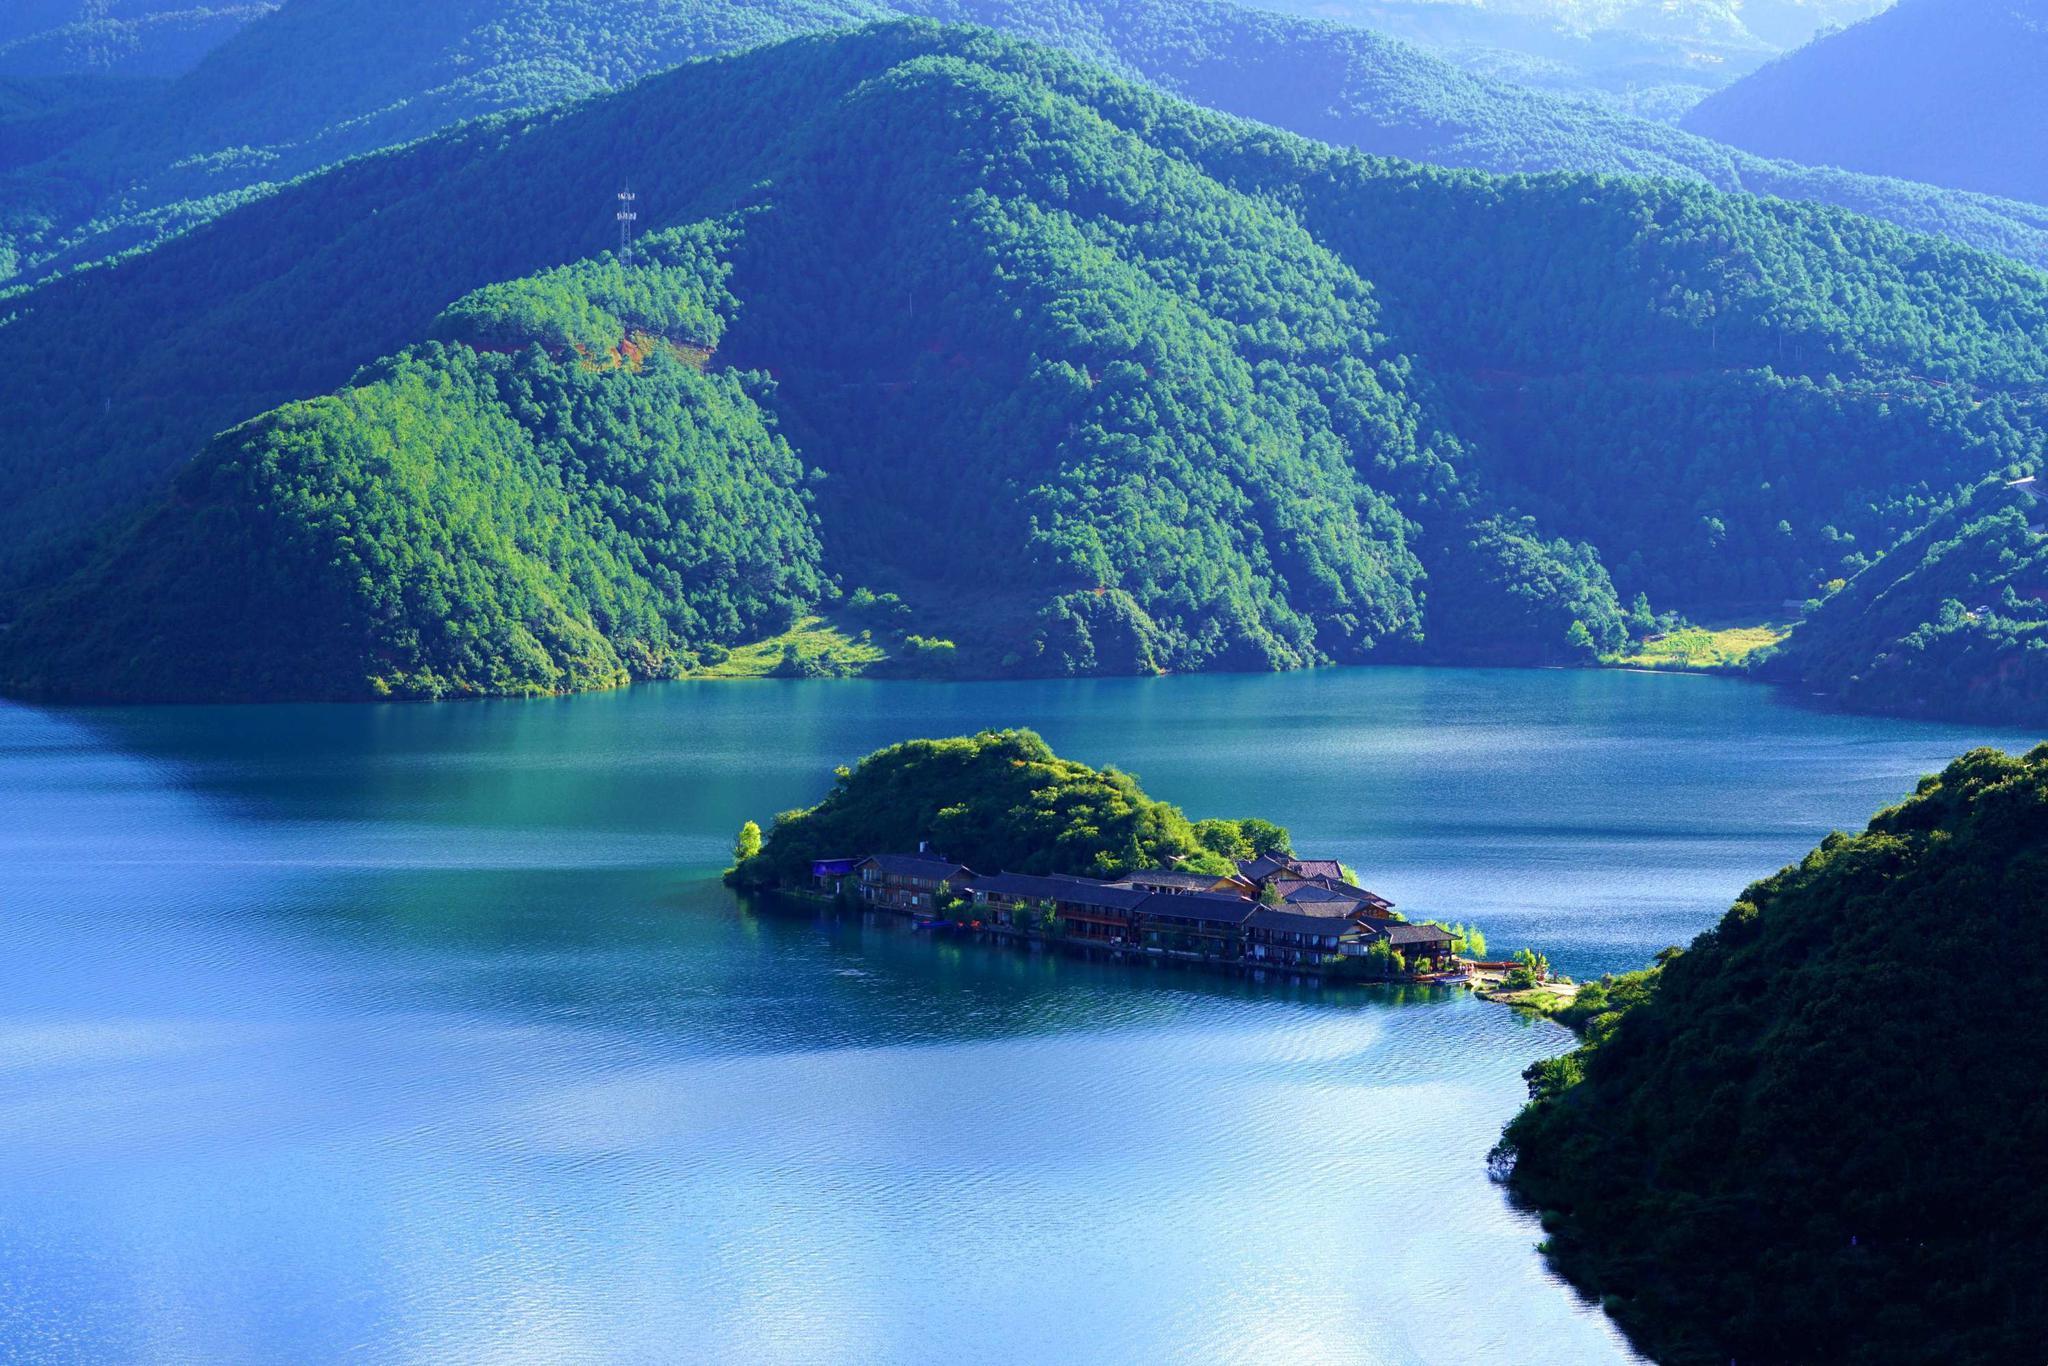 金山银山都不及泸沽湖的绿水青山。